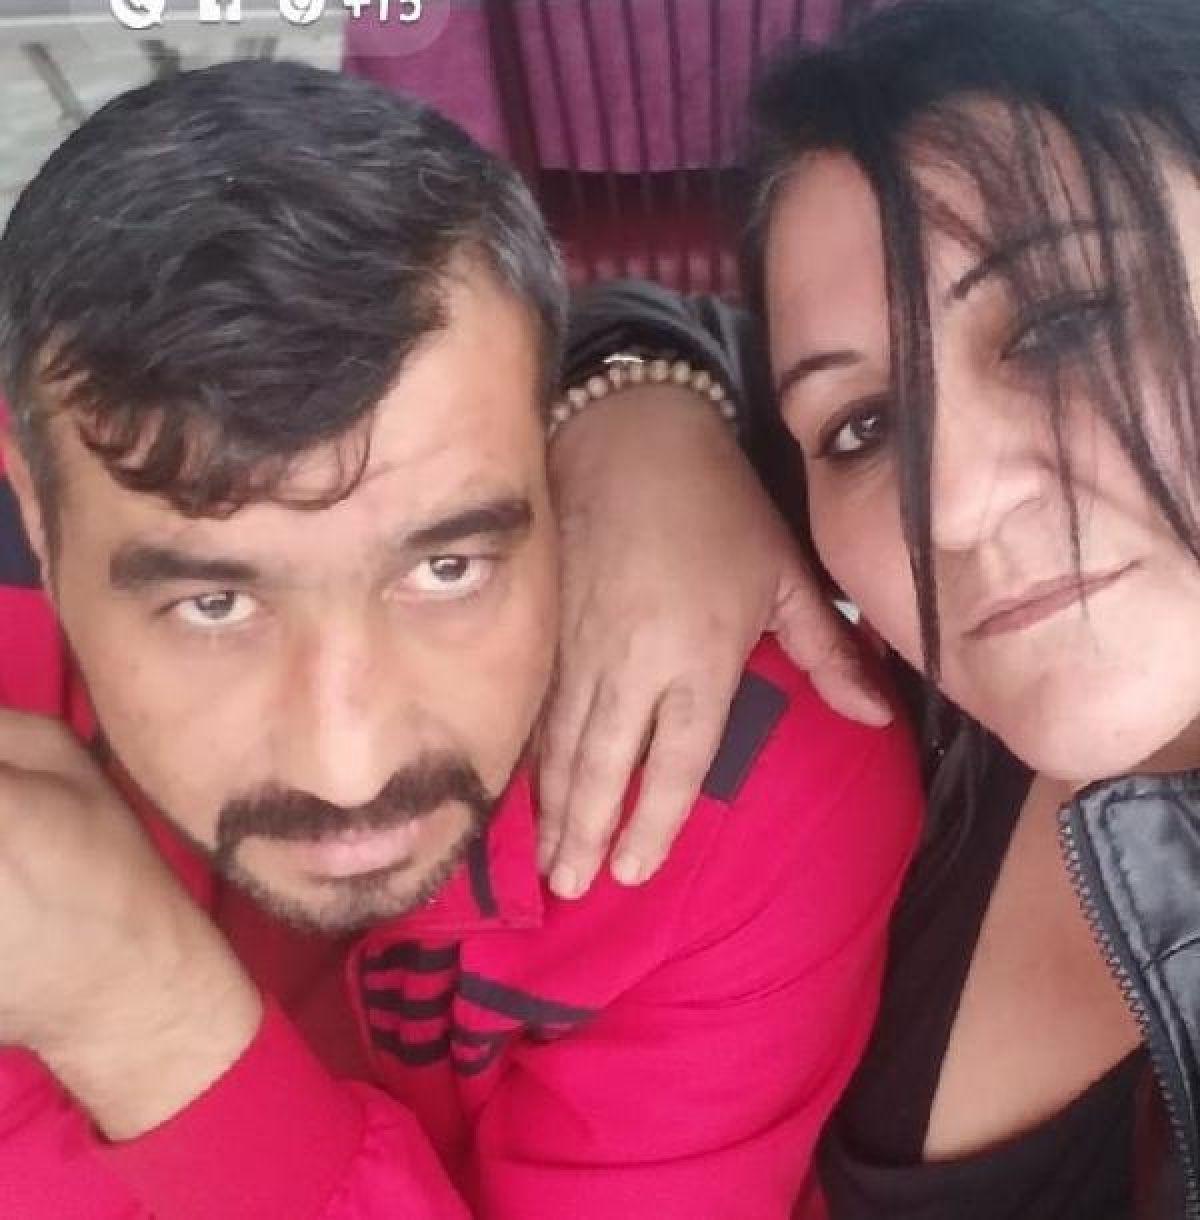 Suç makinesi, dini nikahlı eşini sokak ortasında tüfekle öldürdü -1